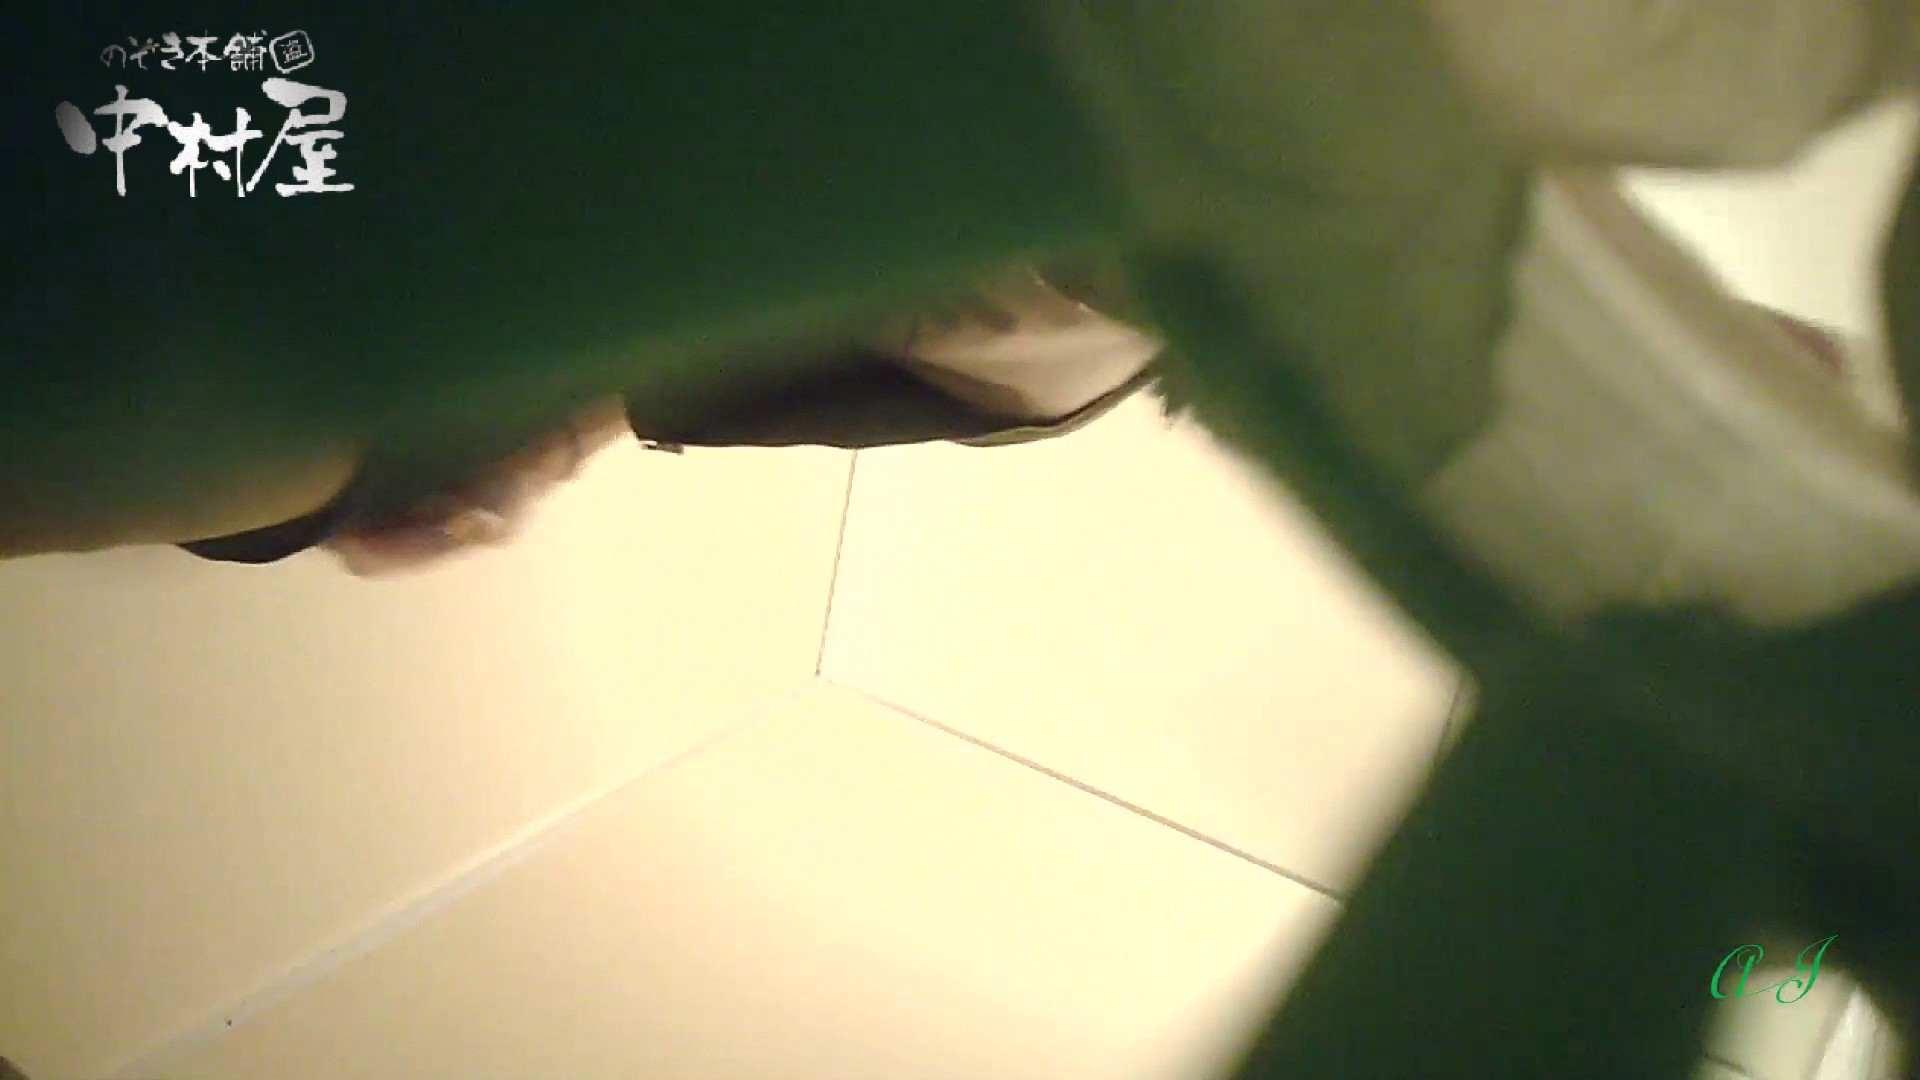 有名大学女性洗面所 vol.64 圧巻!総勢8名全員美女ばかり!! 和式 盗撮アダルト動画キャプチャ 81画像 23